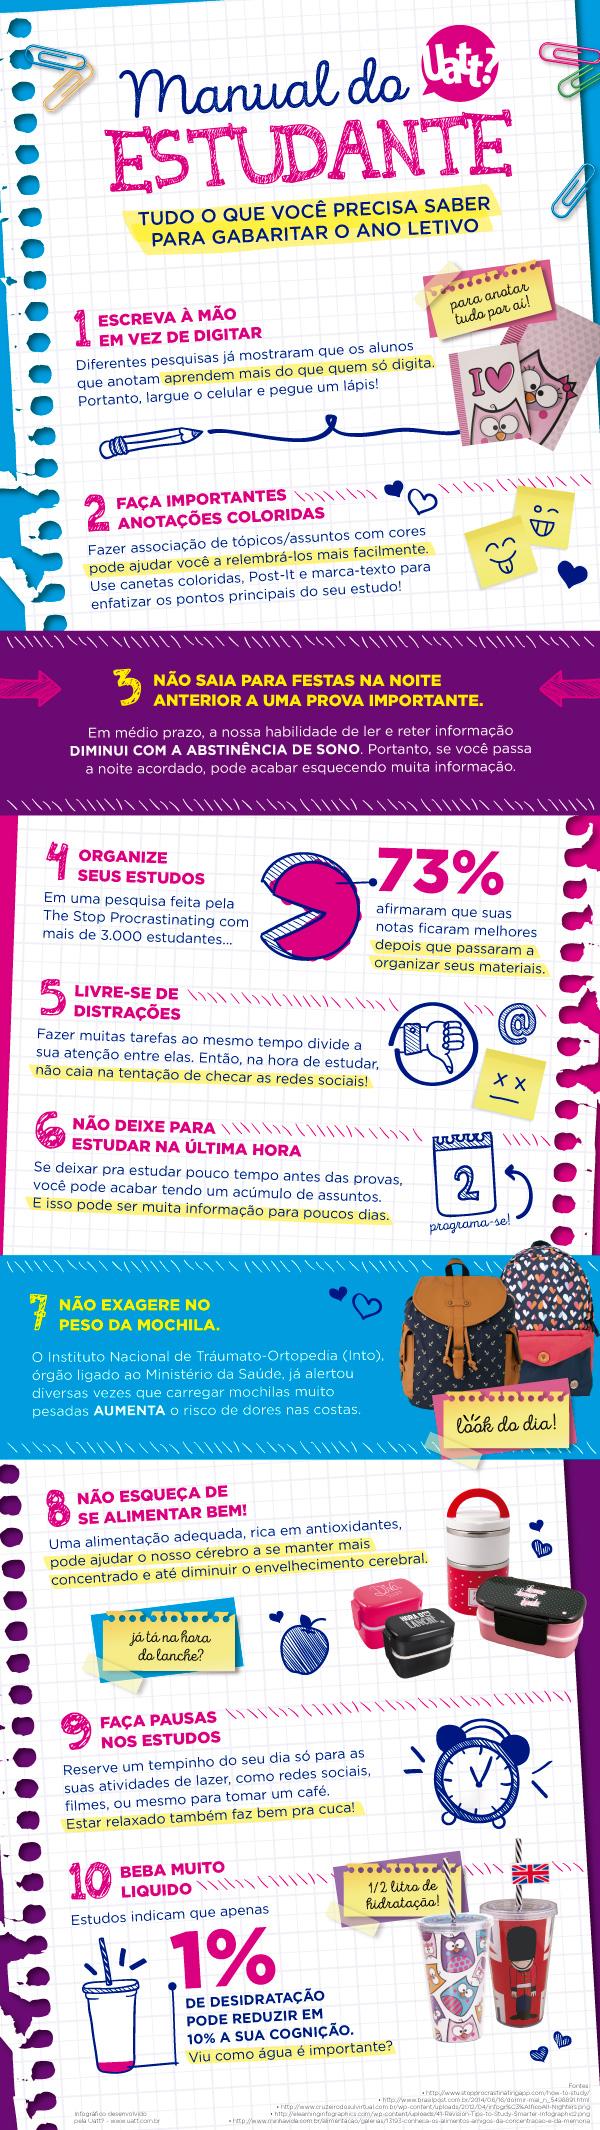 manual do estudante - infográfico com dicas importantes para quem quer se dar bem nos estudos